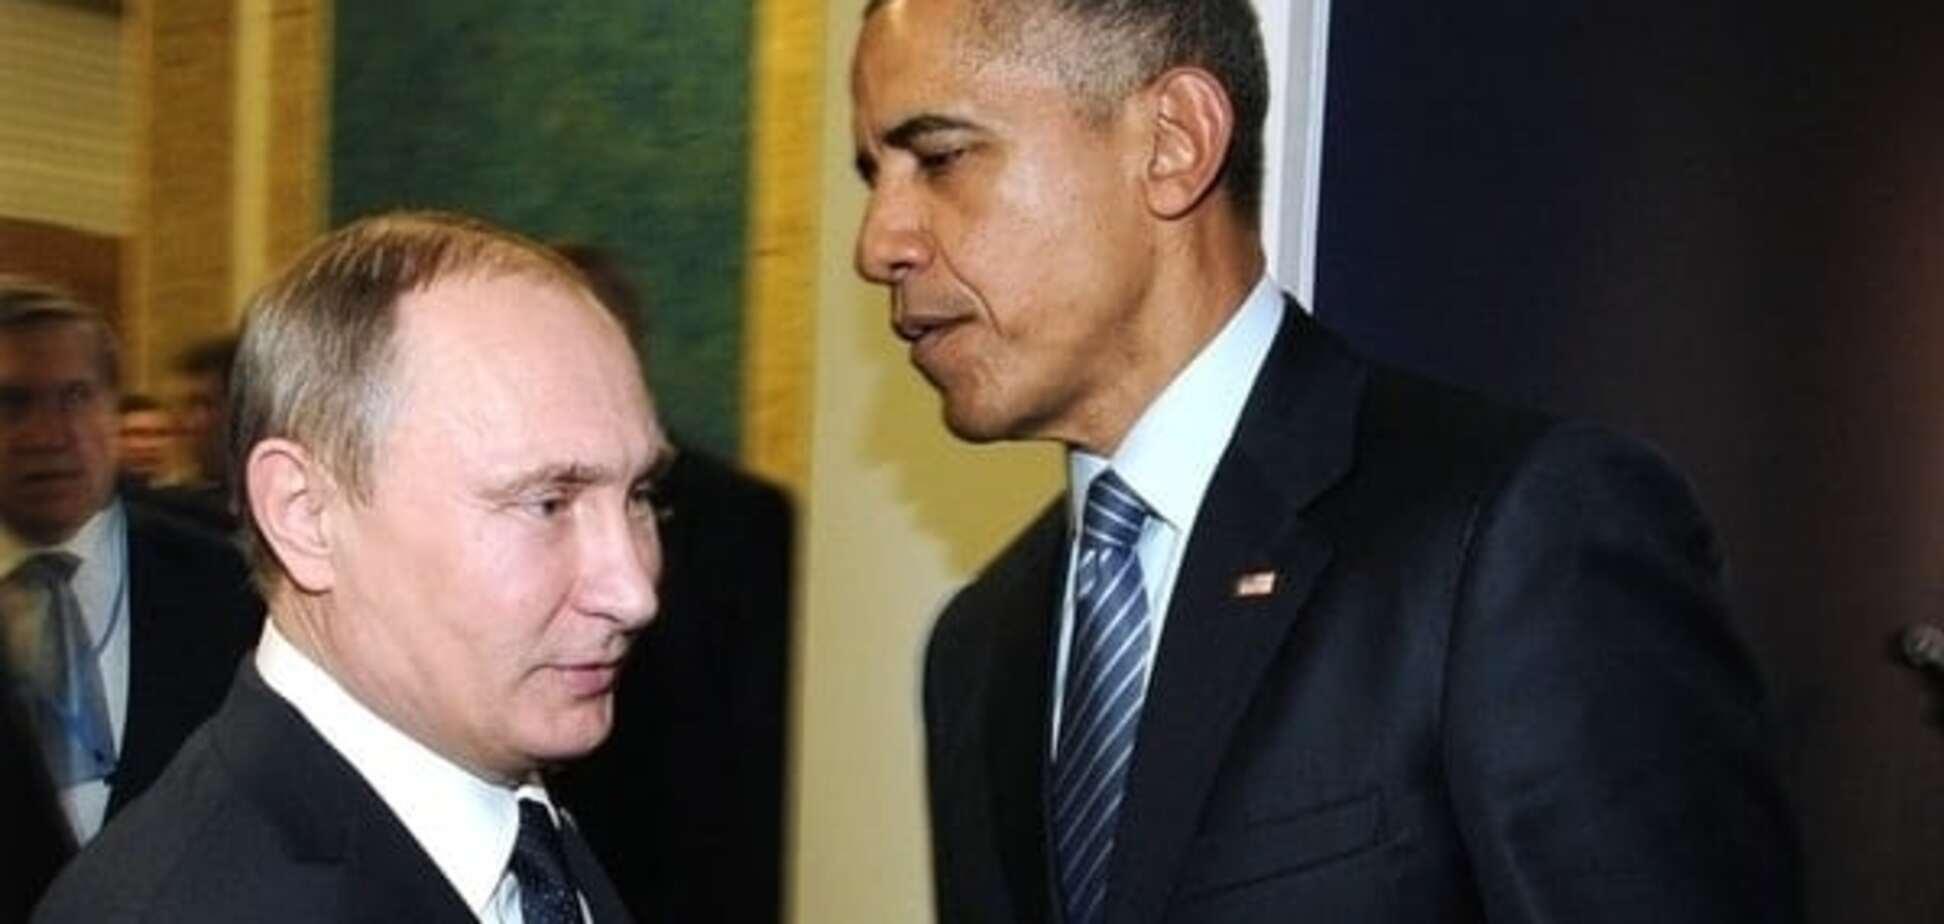 Обама порадив Путіну згадати війну в Афганістані